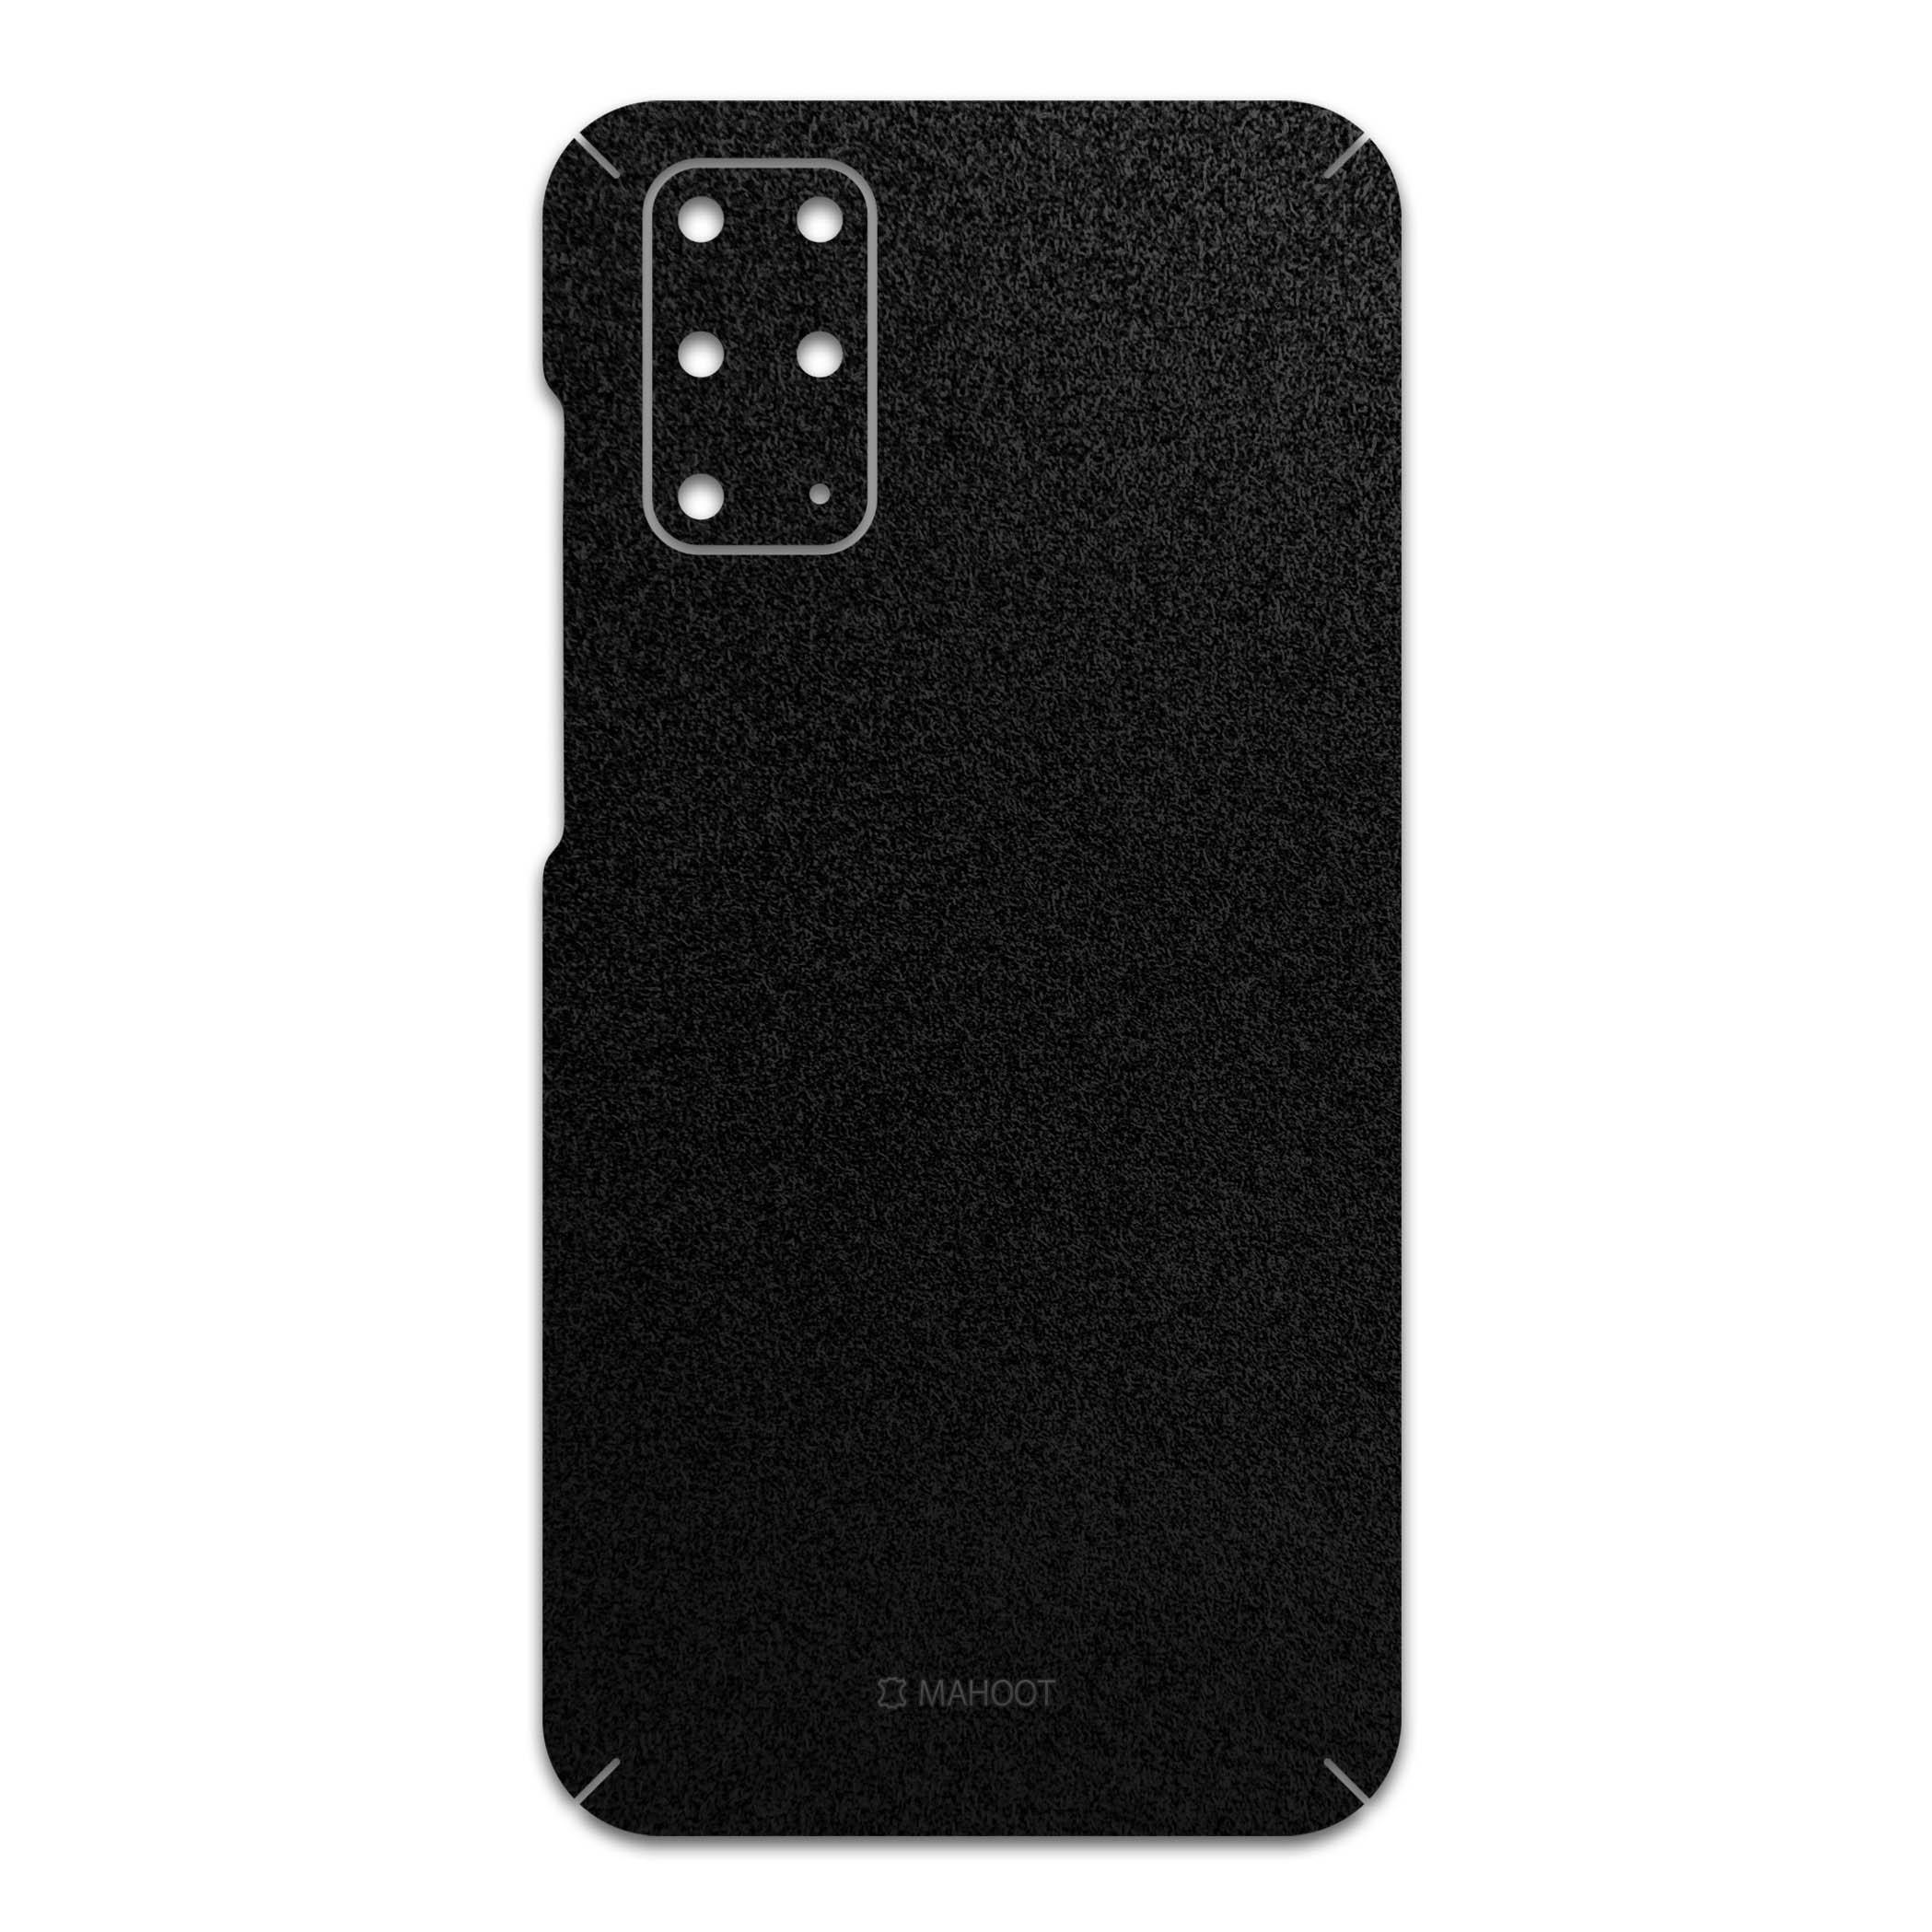 برچسب پوششی ماهوت مدل Black-Suede مناسب برای گوشی موبایل سامسونگ Galaxy S20 Plus